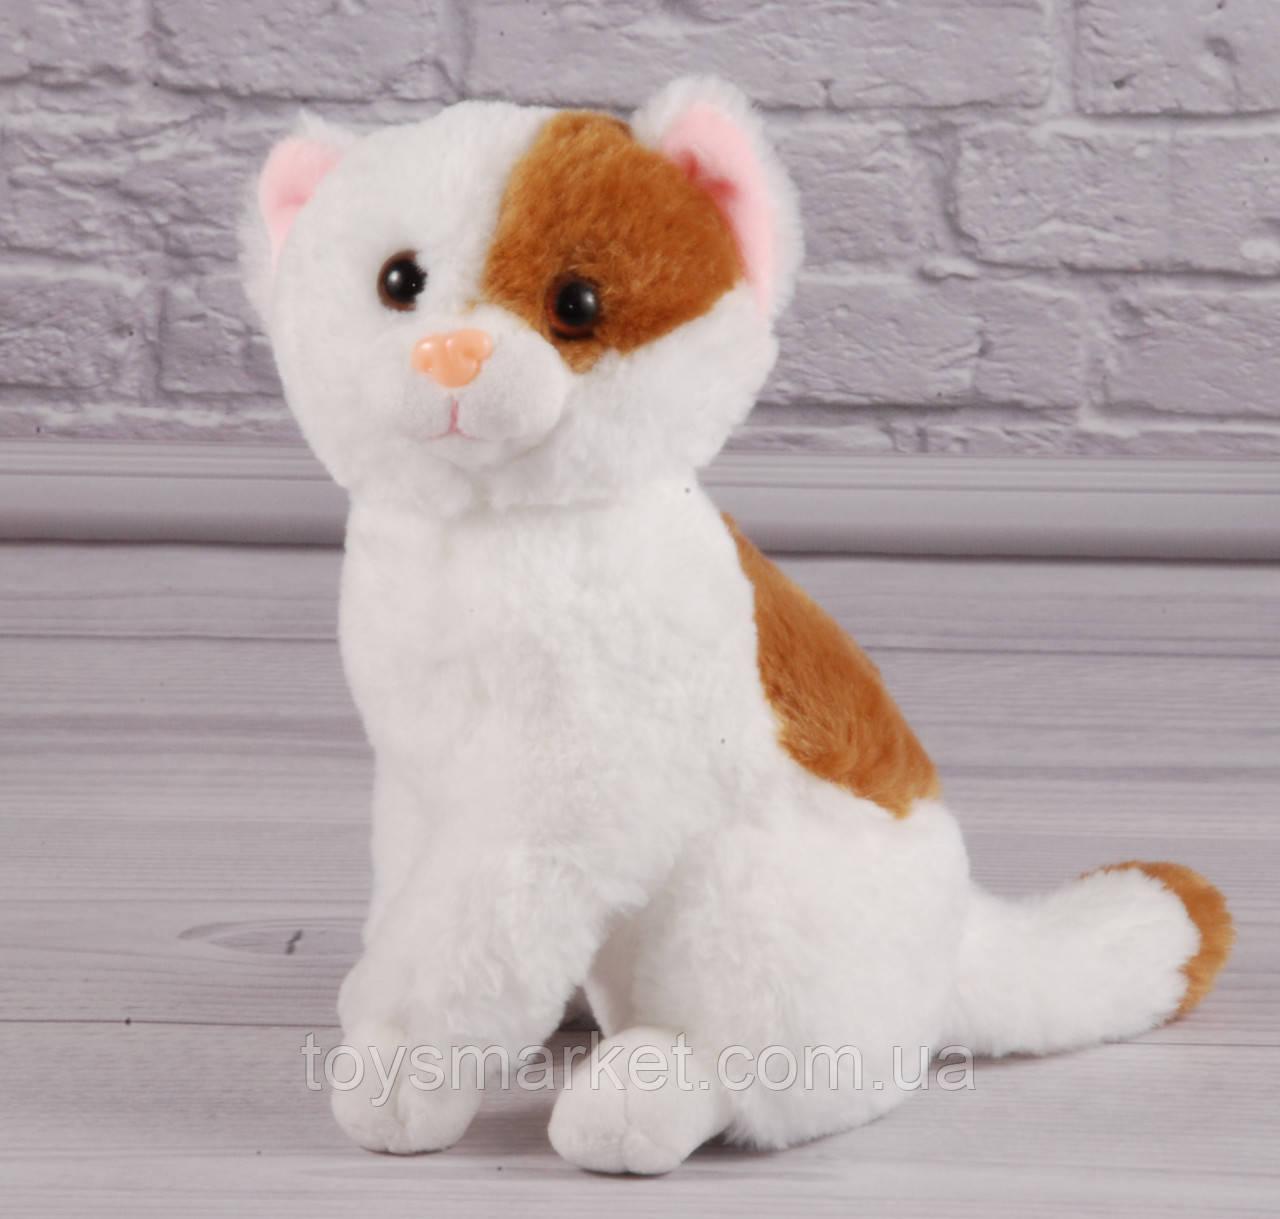 """Мягкая игрушка кот """"Муська"""", плюшевый котик, 23 см"""